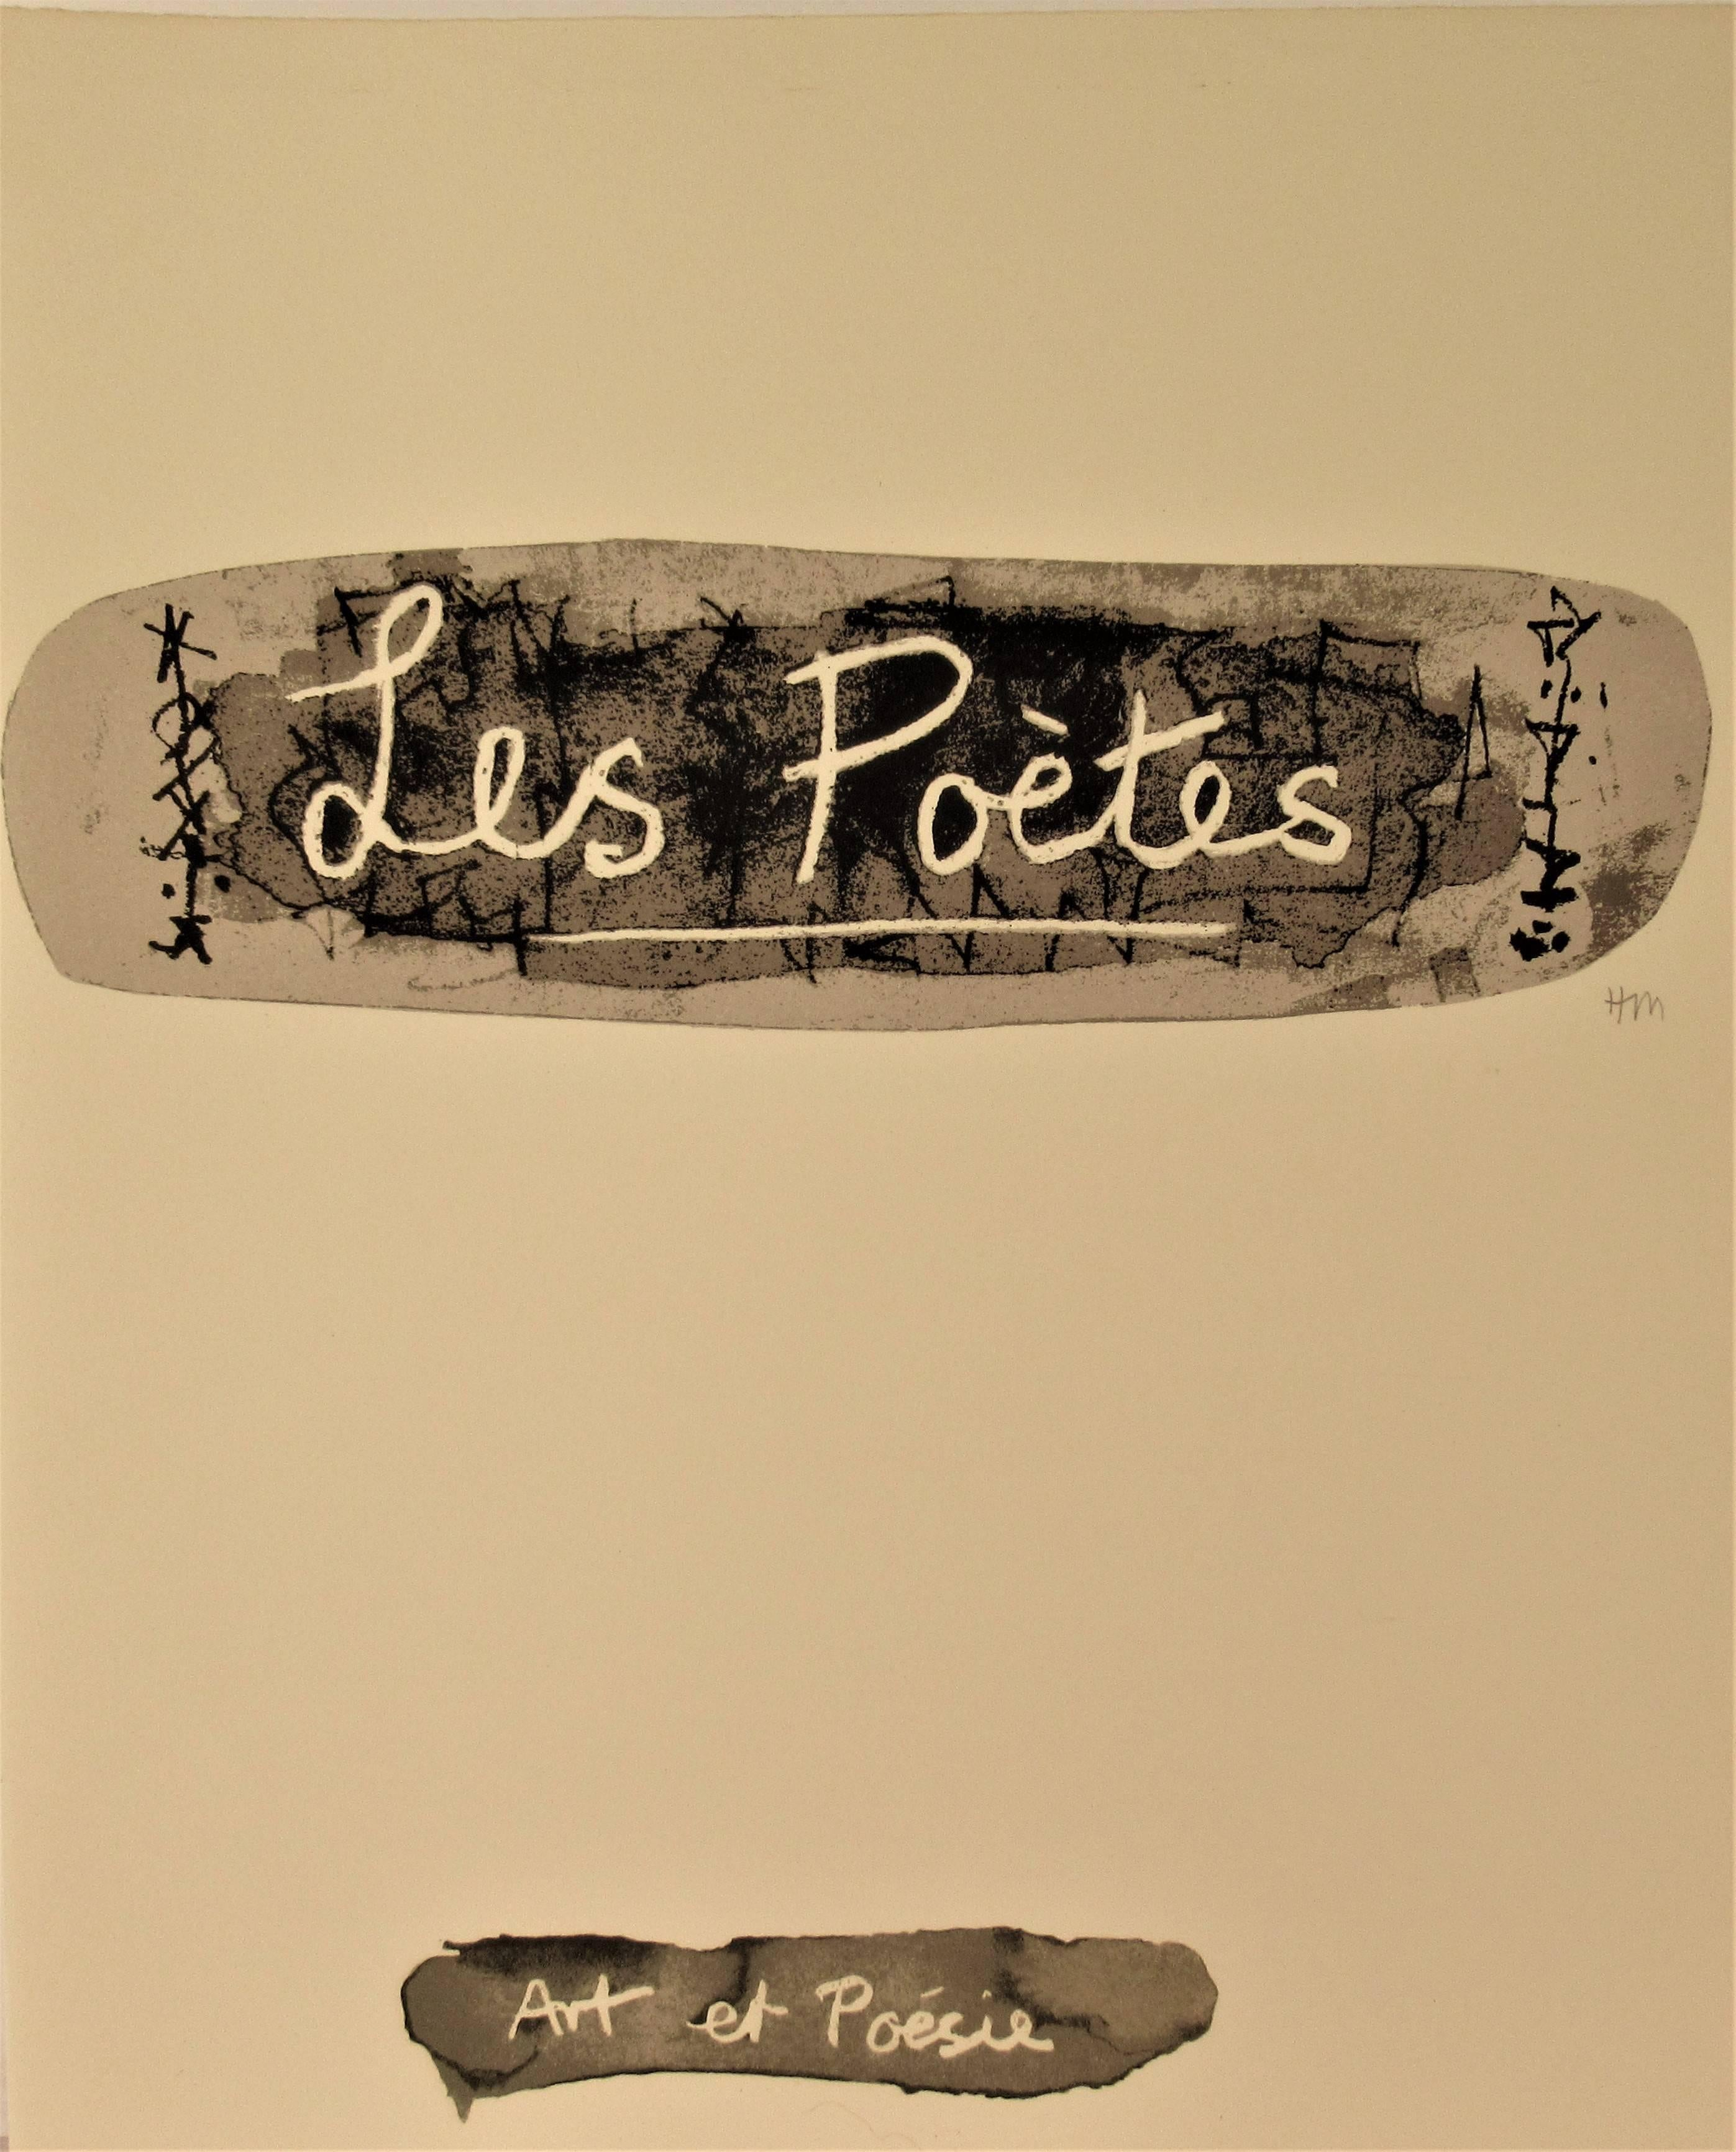 Les Poetes, La Poesie, Front Page